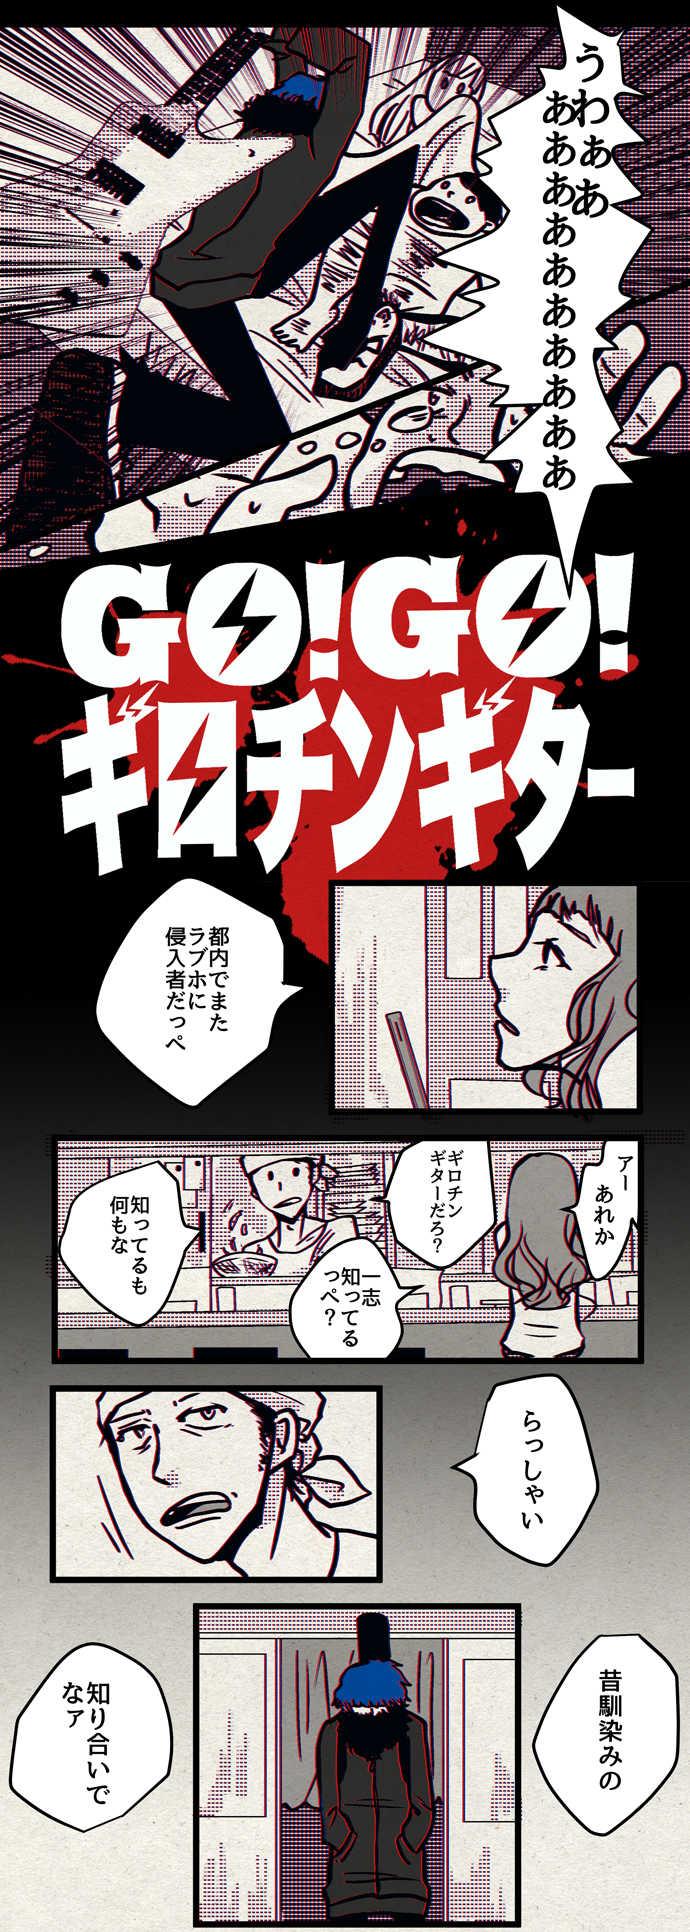 GO!GO!ギロチンギター